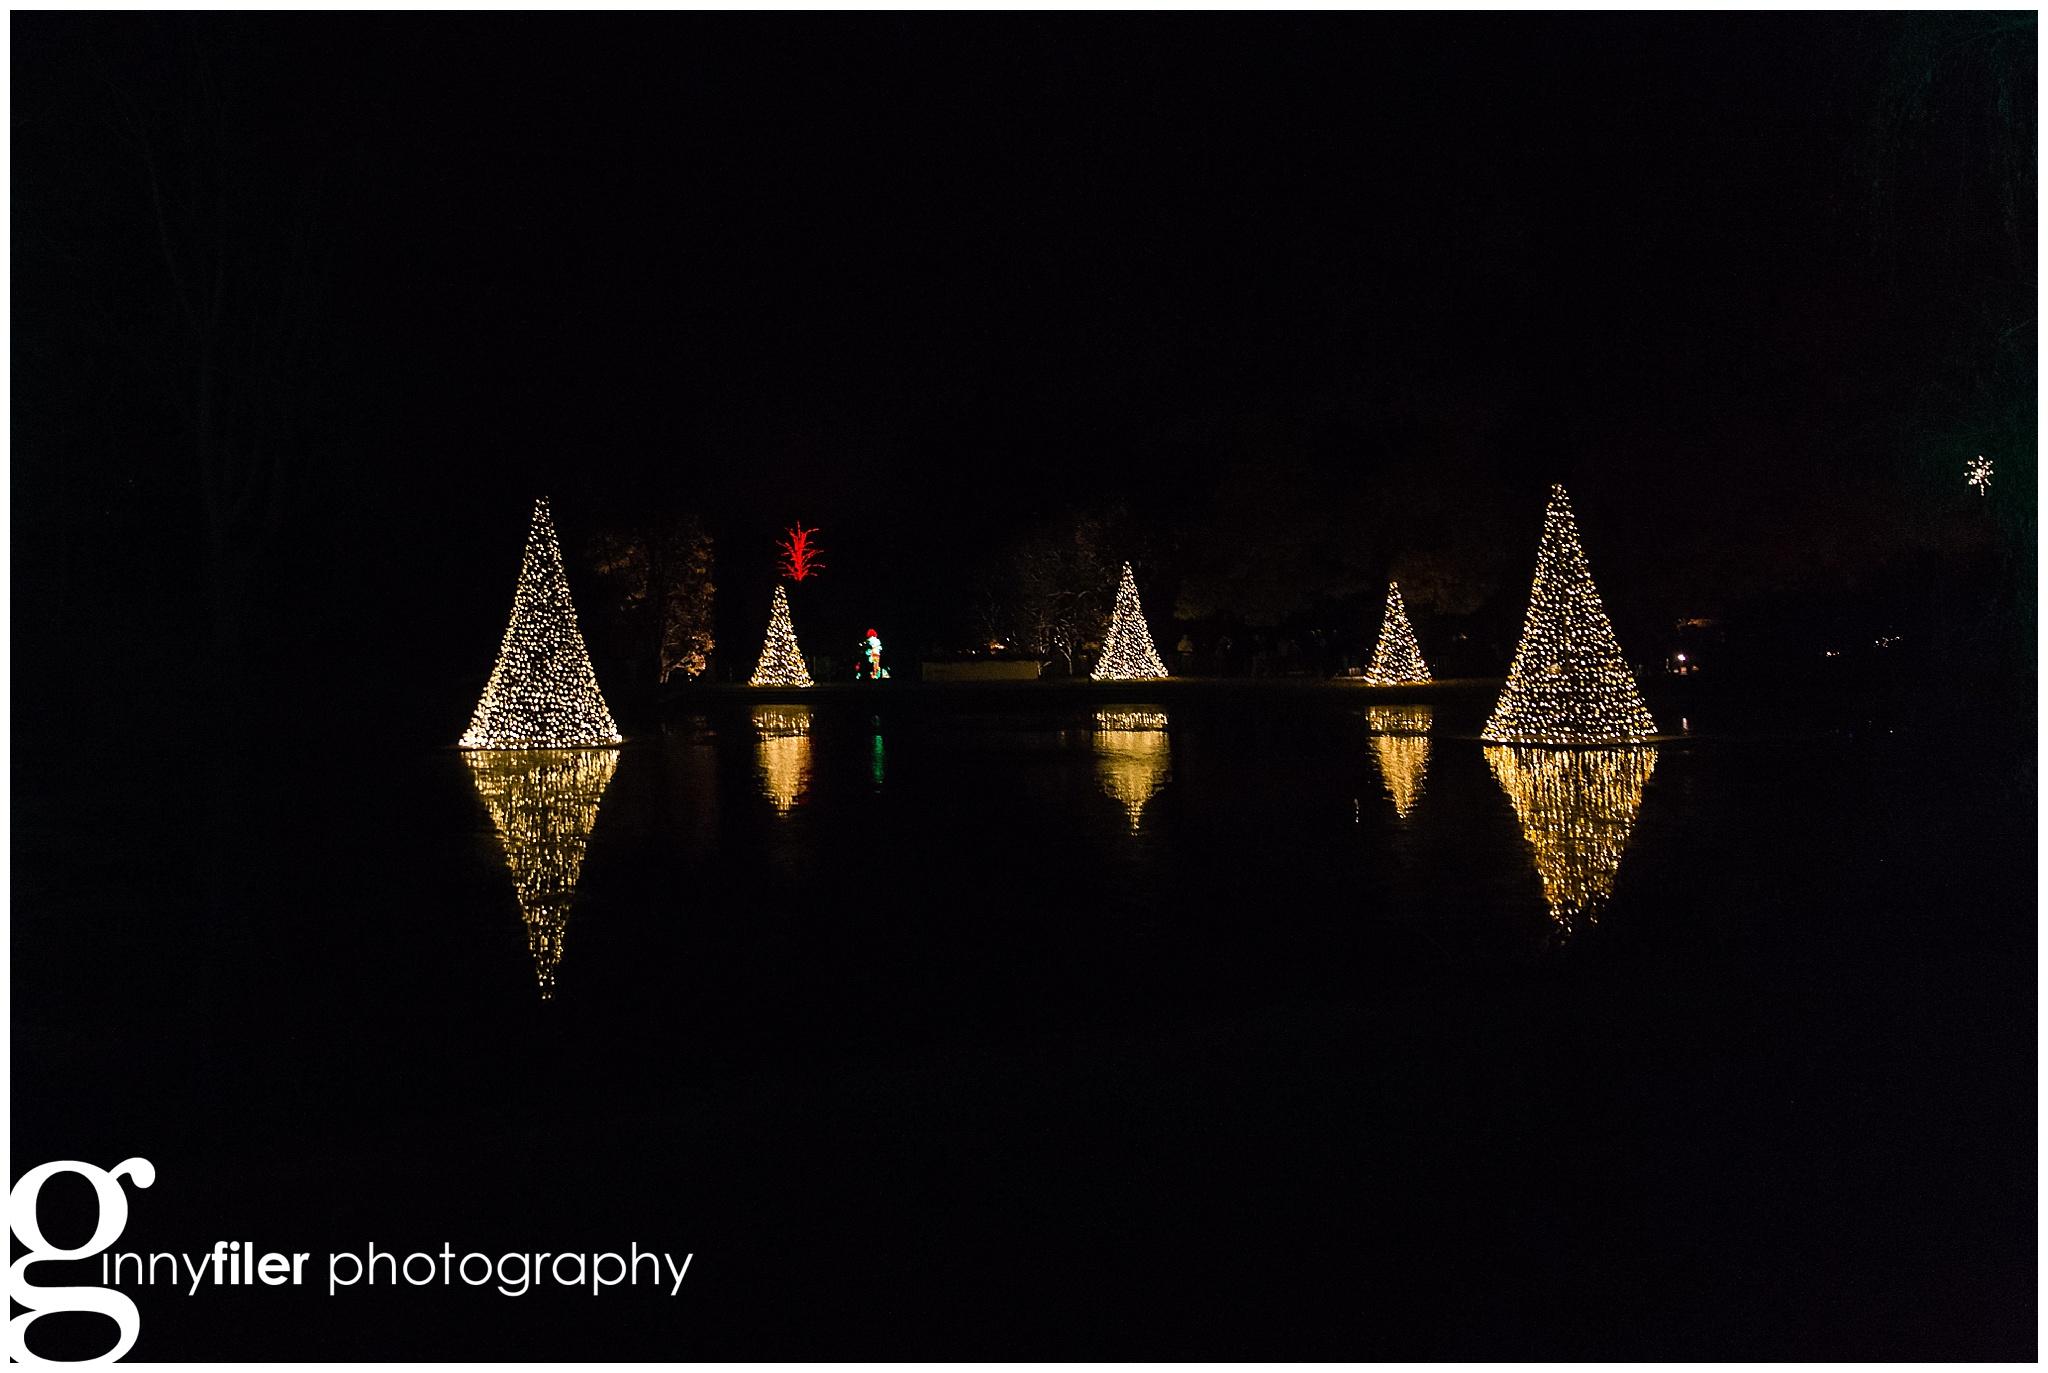 longwood_Christmas_0032.jpg